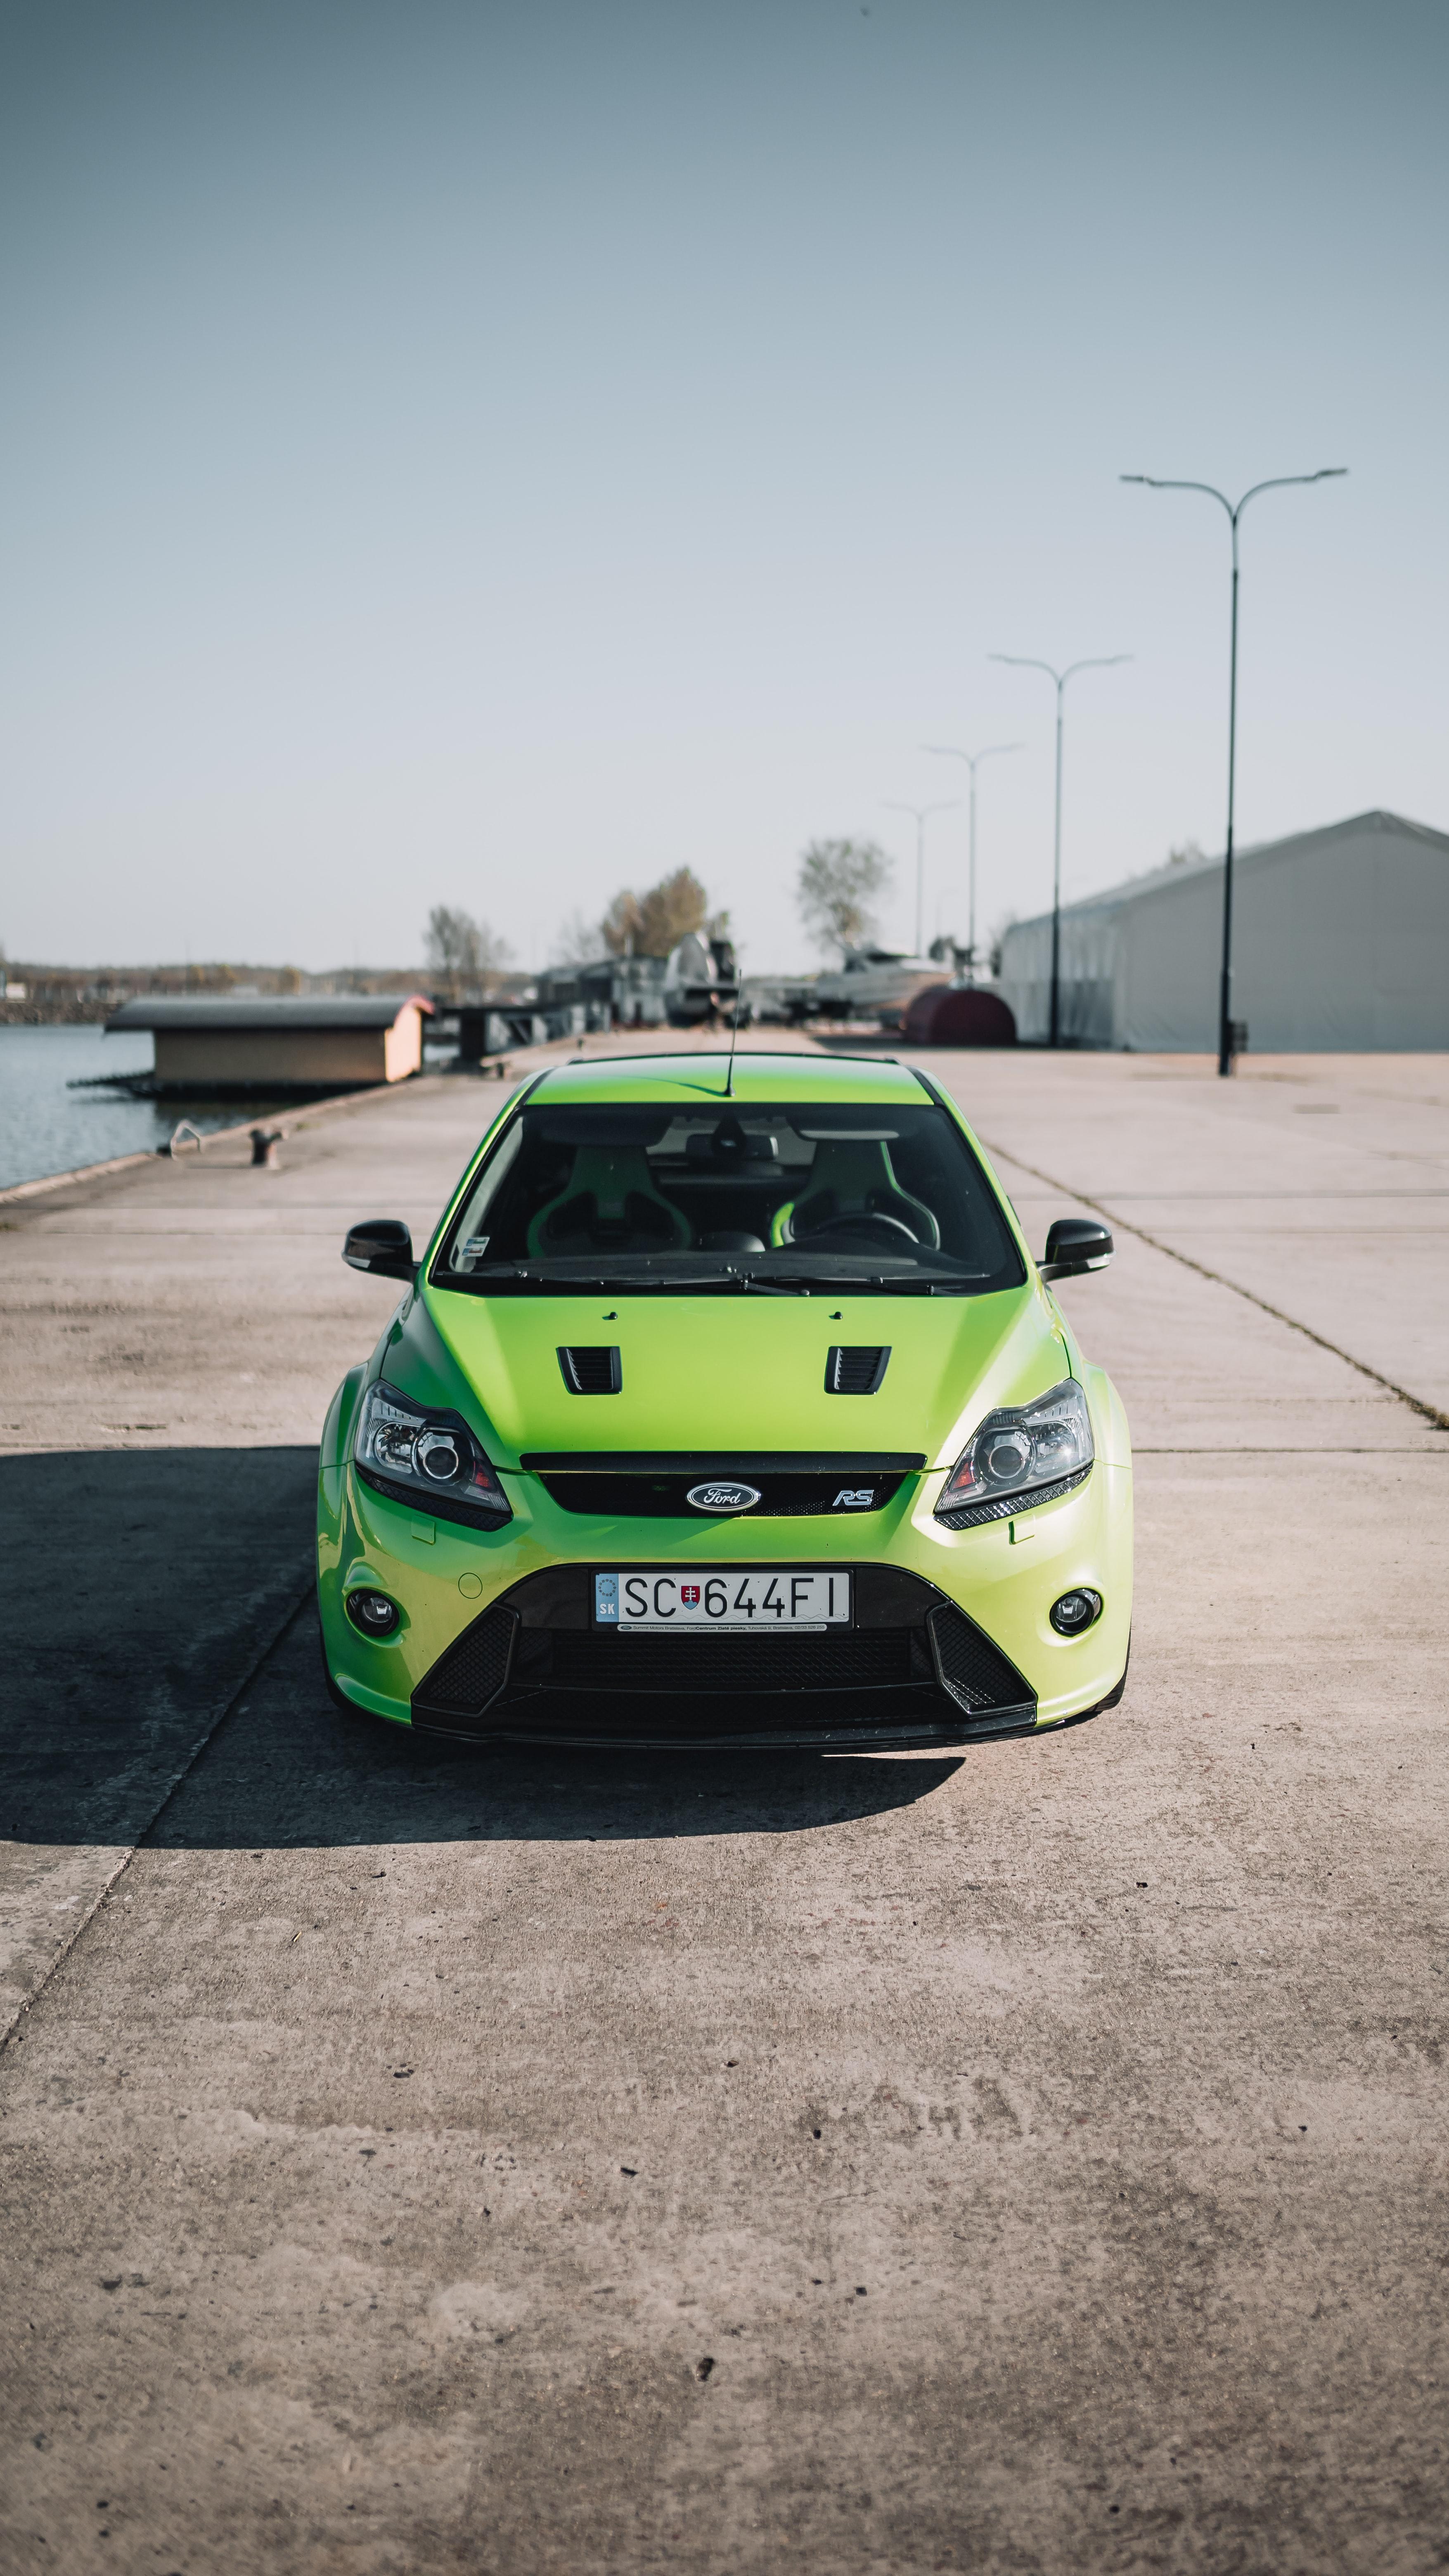 141142 Hintergrundbild herunterladen Ford, Auto, Cars, Vorderansicht, Frontansicht, Maschine - Bildschirmschoner und Bilder kostenlos